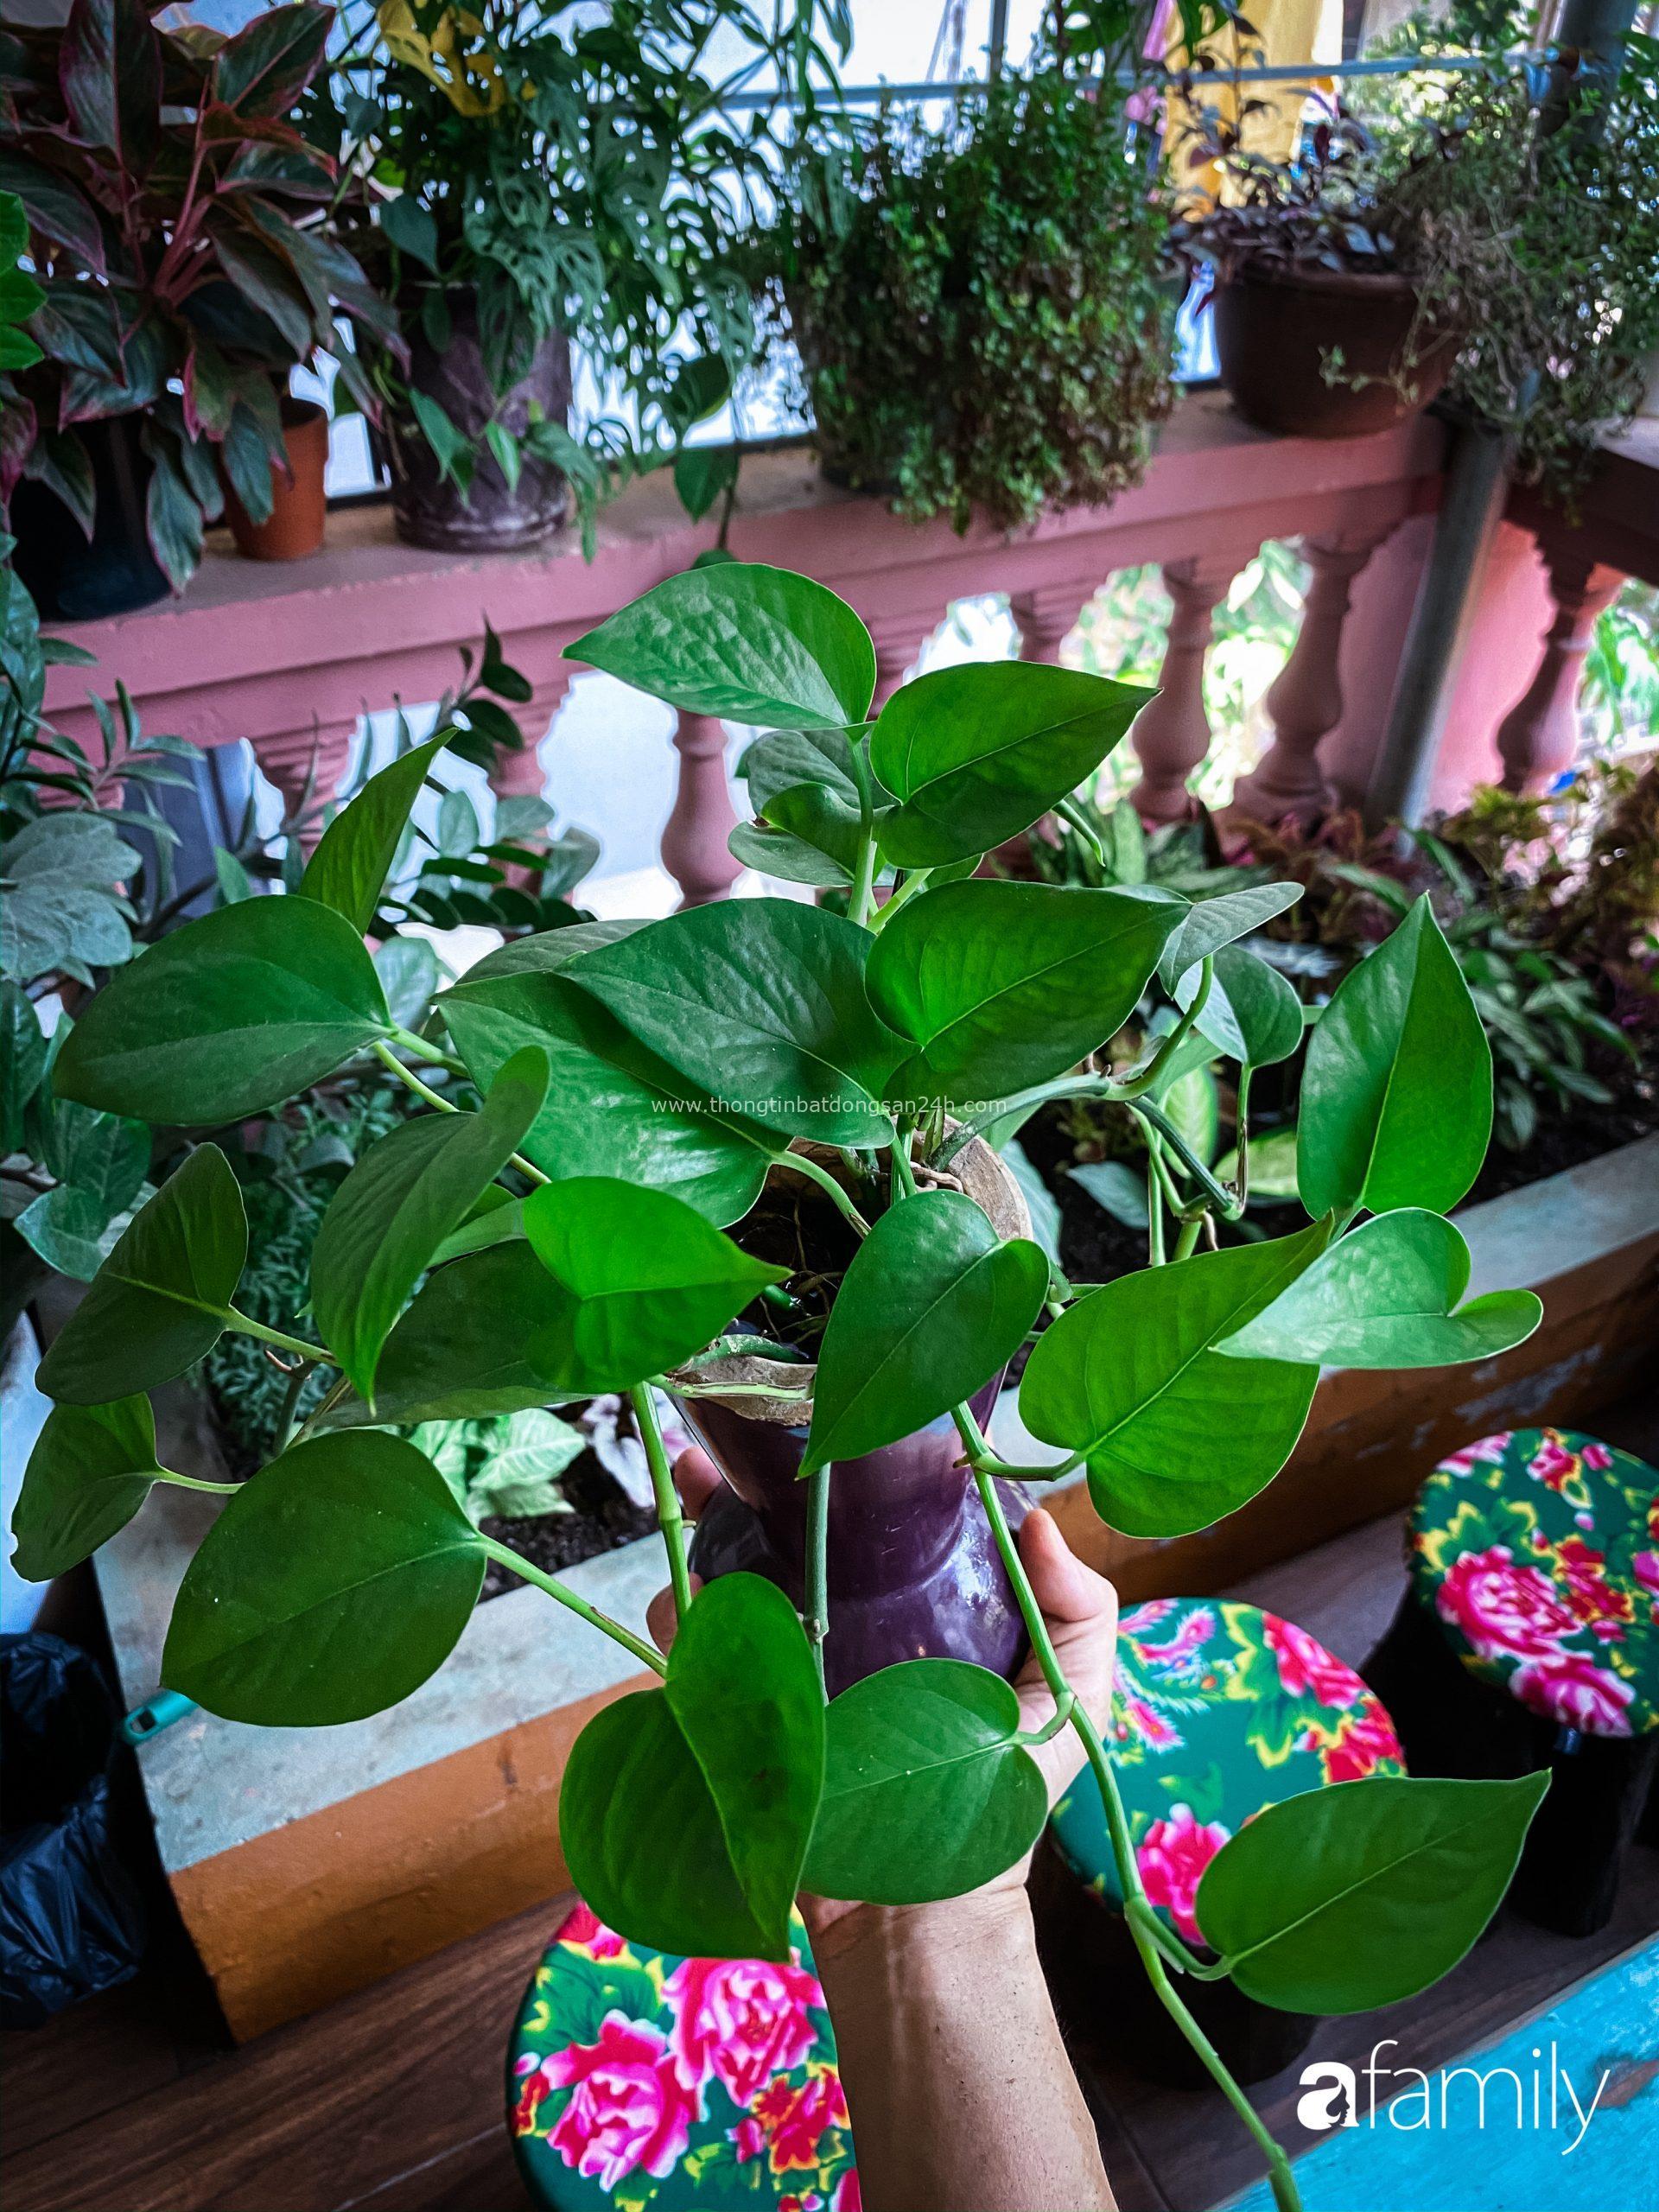 """Chàng trai Hà Nội chia sẻ bí quyết trồng cả """"rừng cây"""" tươi tốt xanh mát trong nhà 3"""